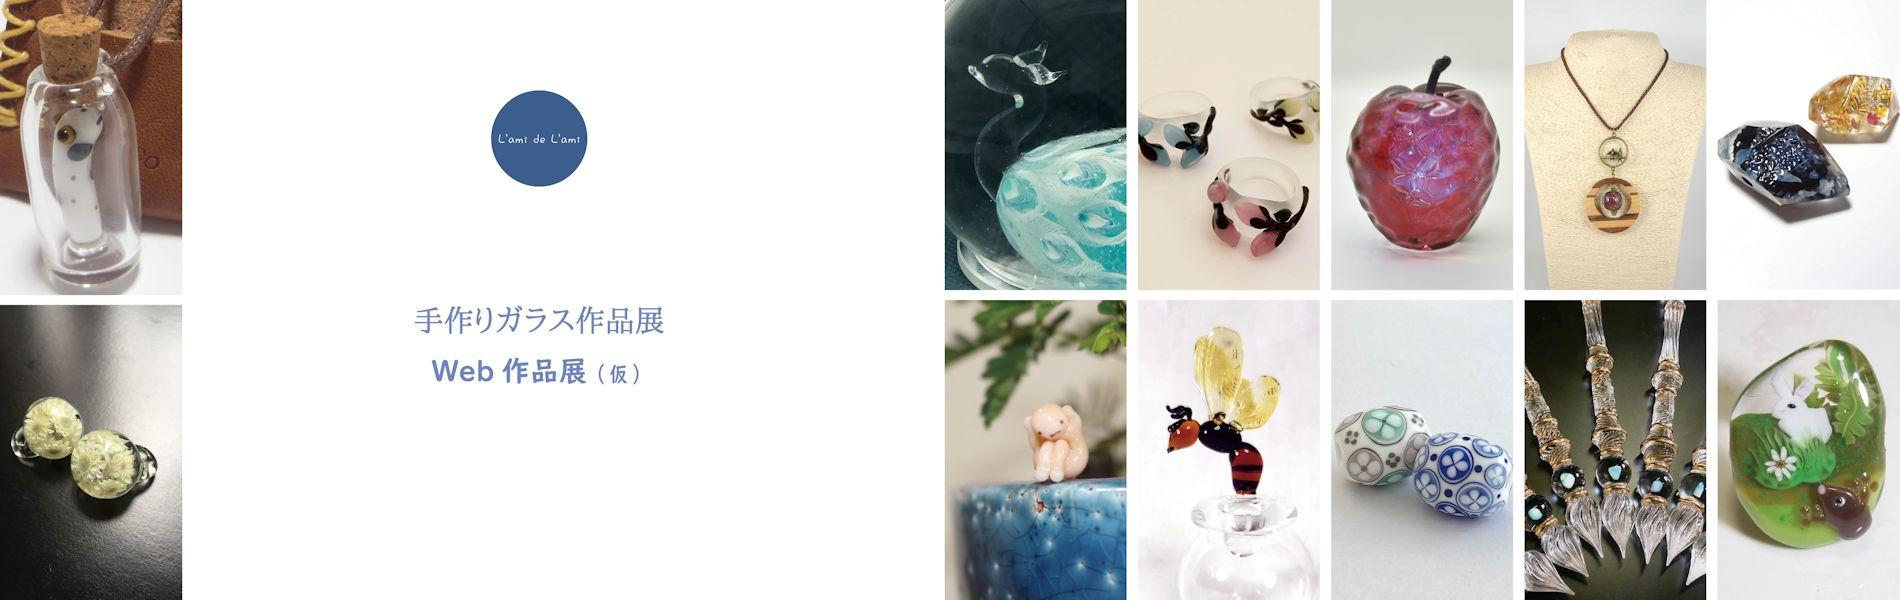 2020年6月28日~7月4日 手作りガラスアクセサリー作品展